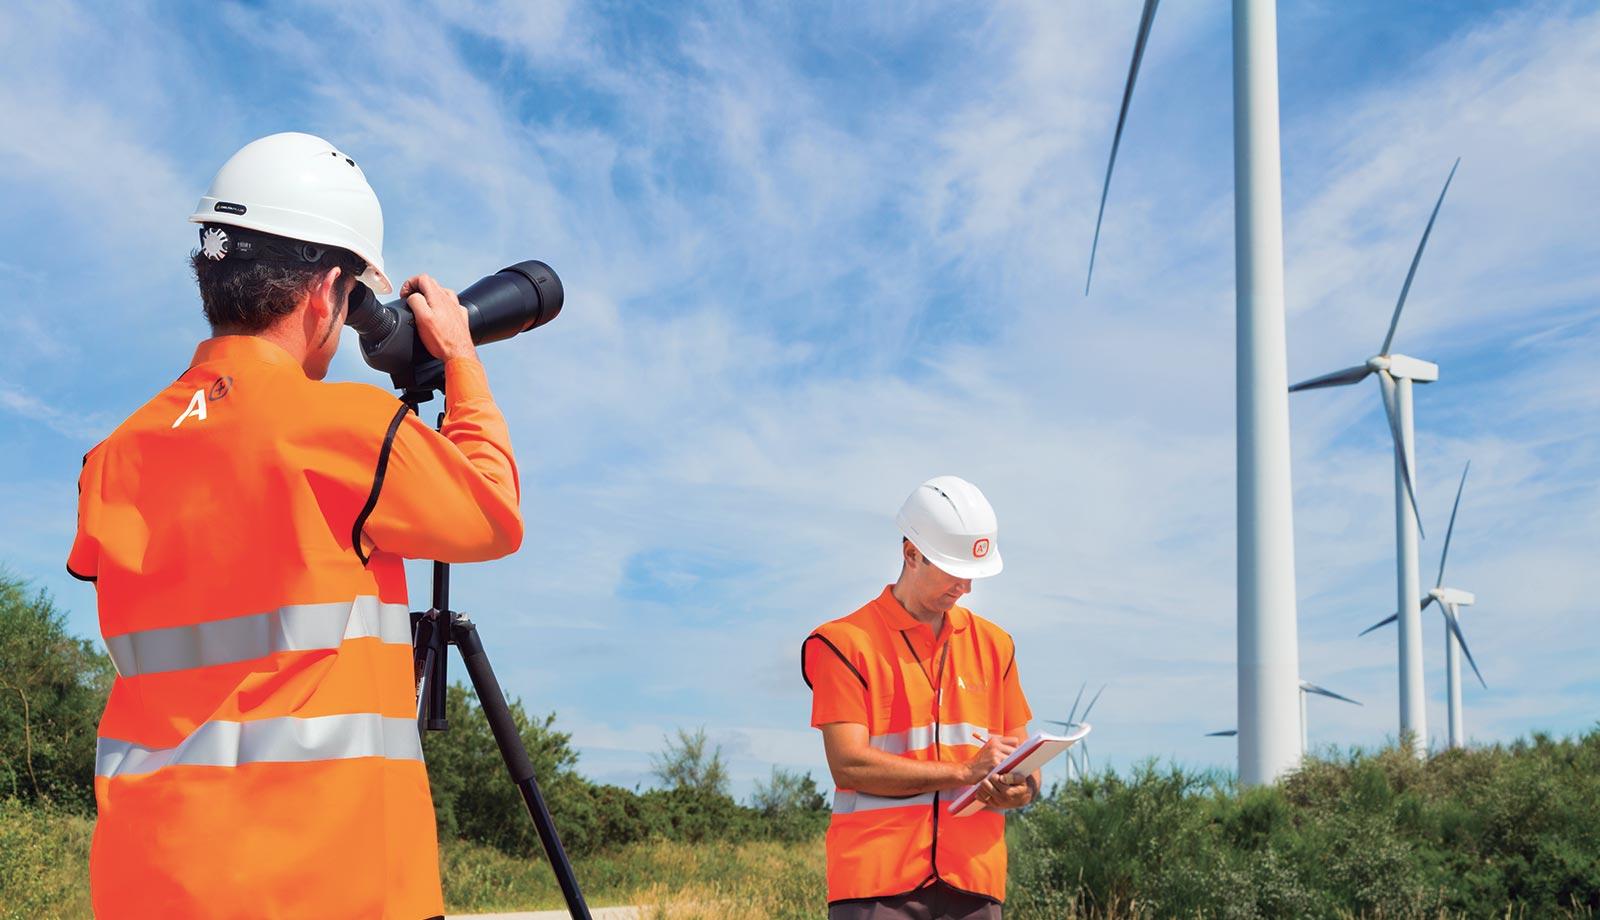 Inspecciones y ensayos para proteger el medio ambiente